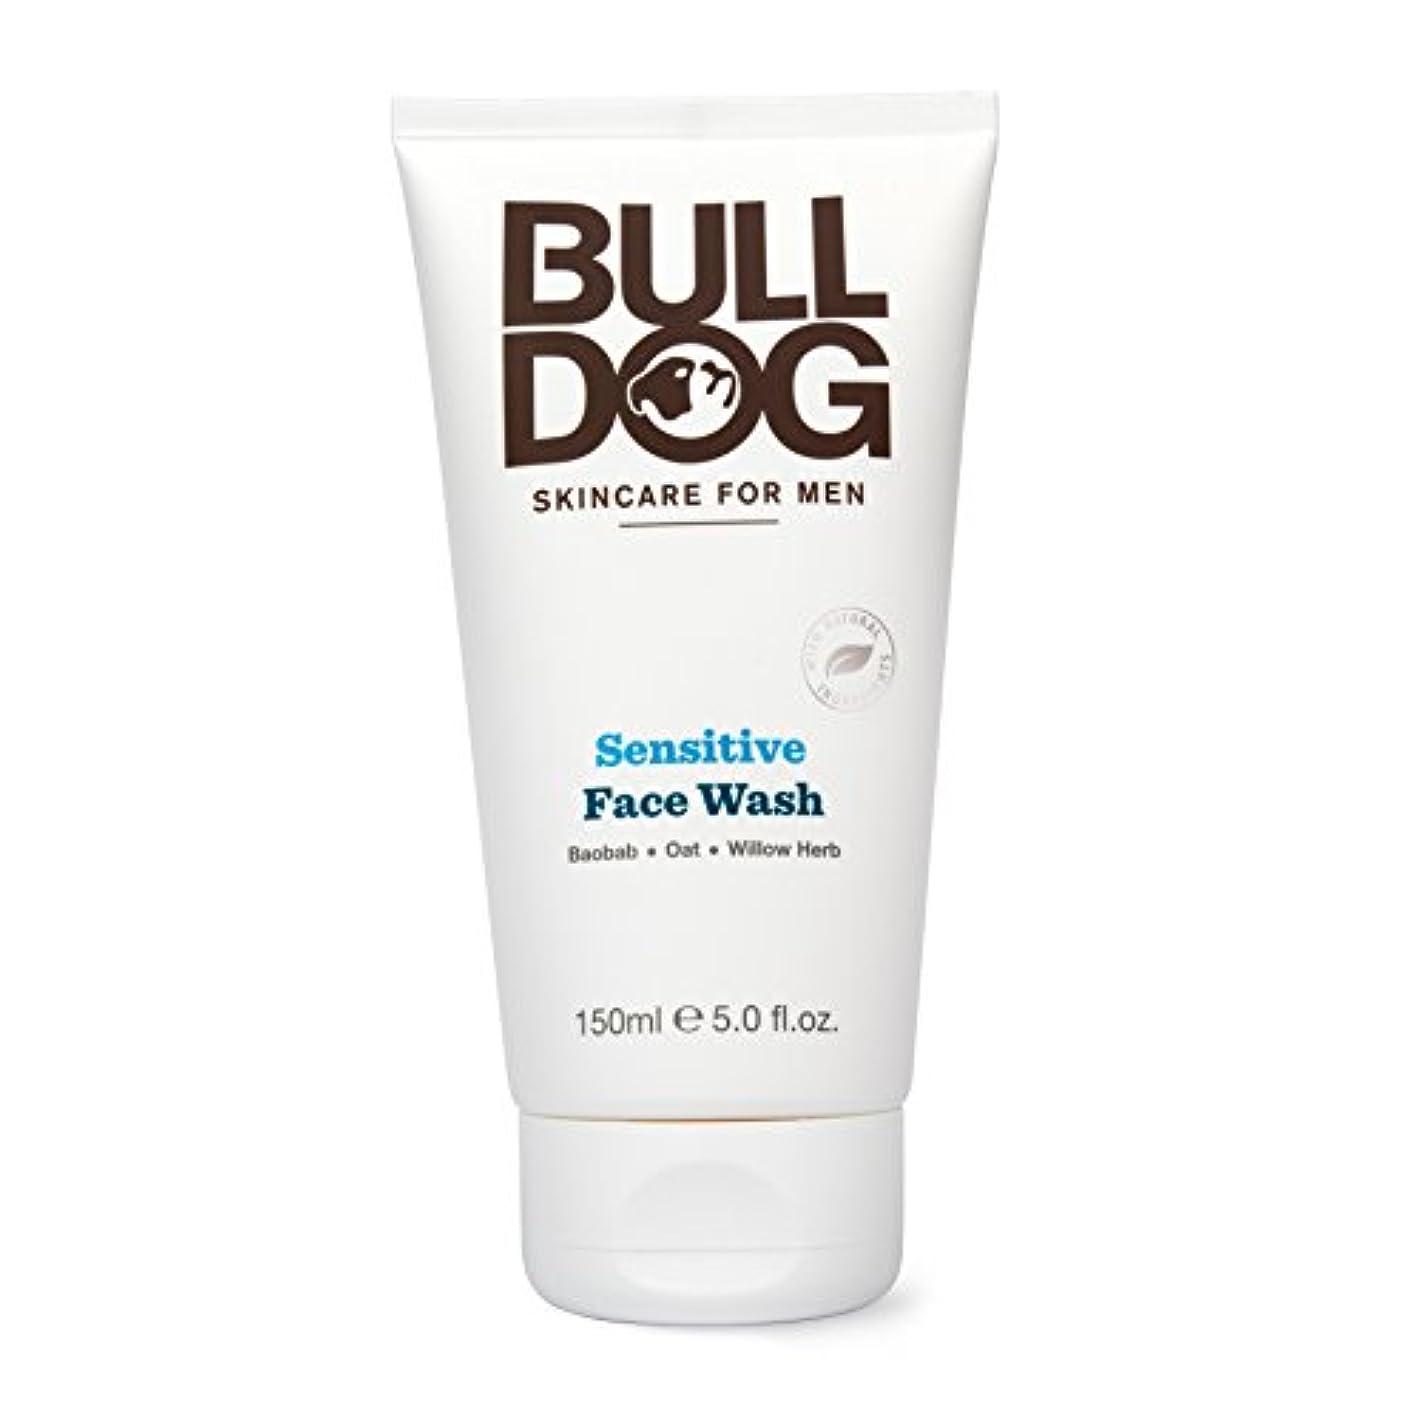 子孫修道院のスコアブルドッグ Bulldog センシティブ フェイスウォッシュ(洗顔料) 150mL